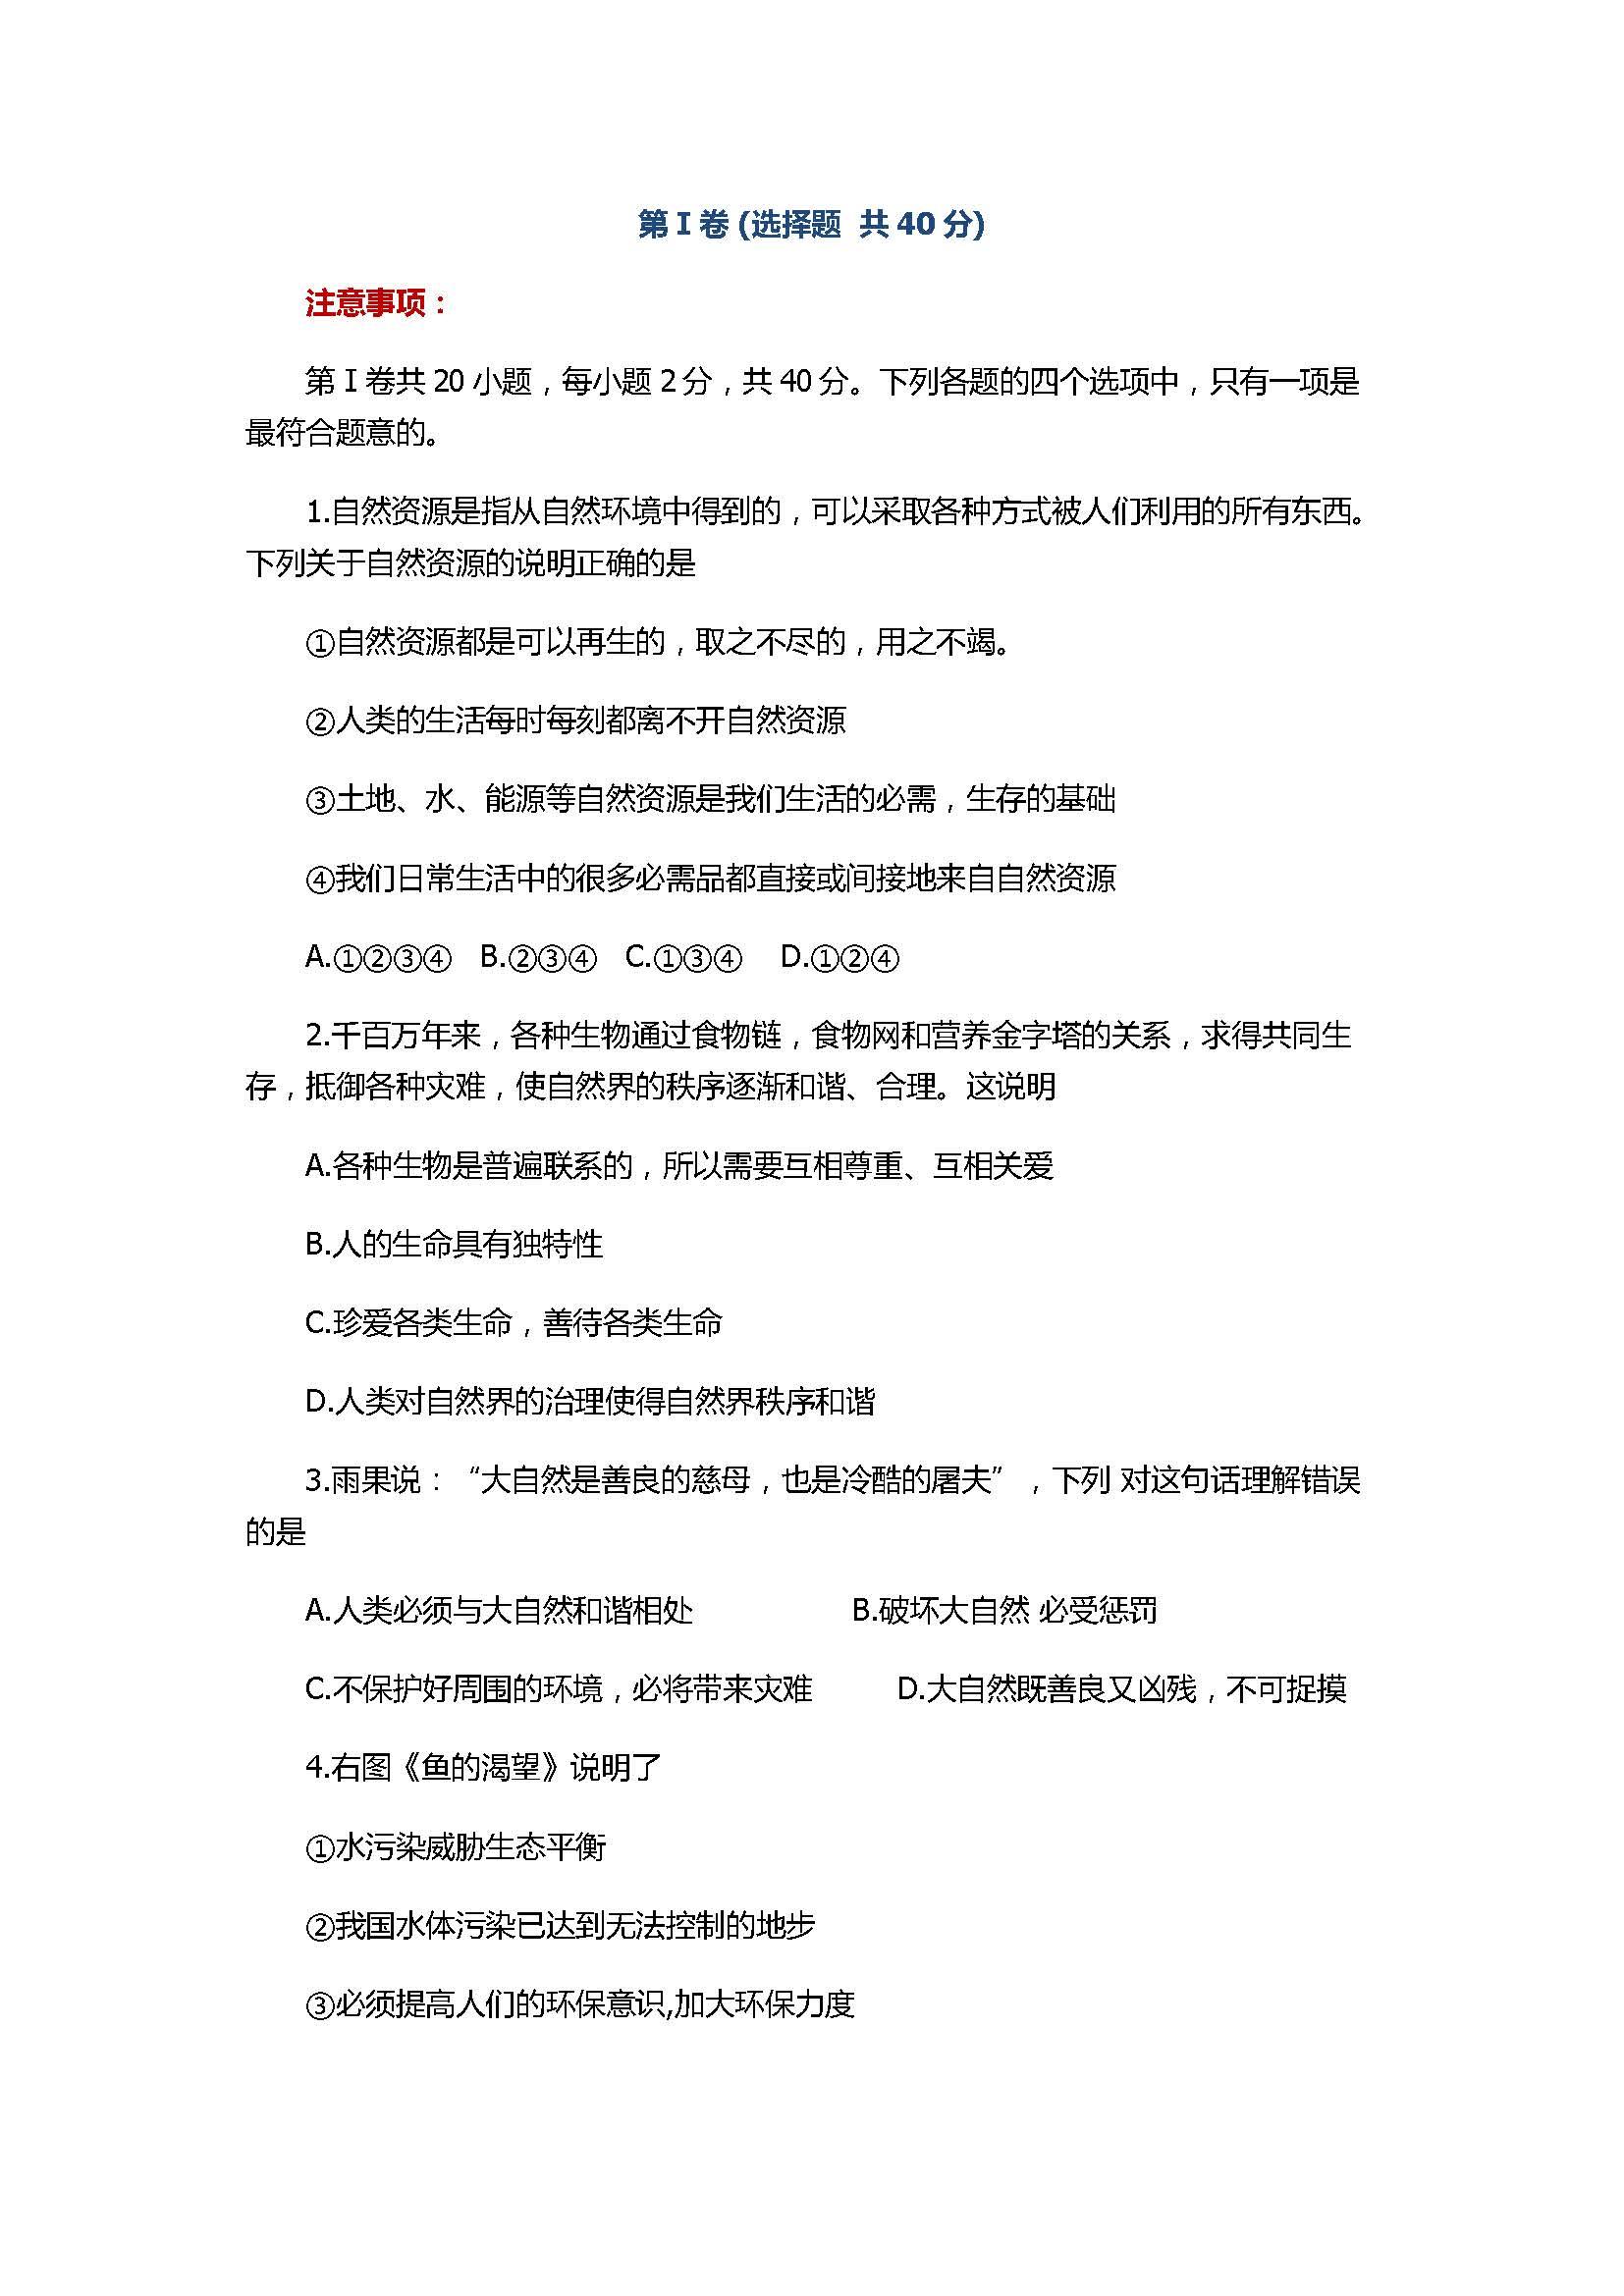 2017初二年级政治下册期中试题含参考答案(济南市槐荫区)